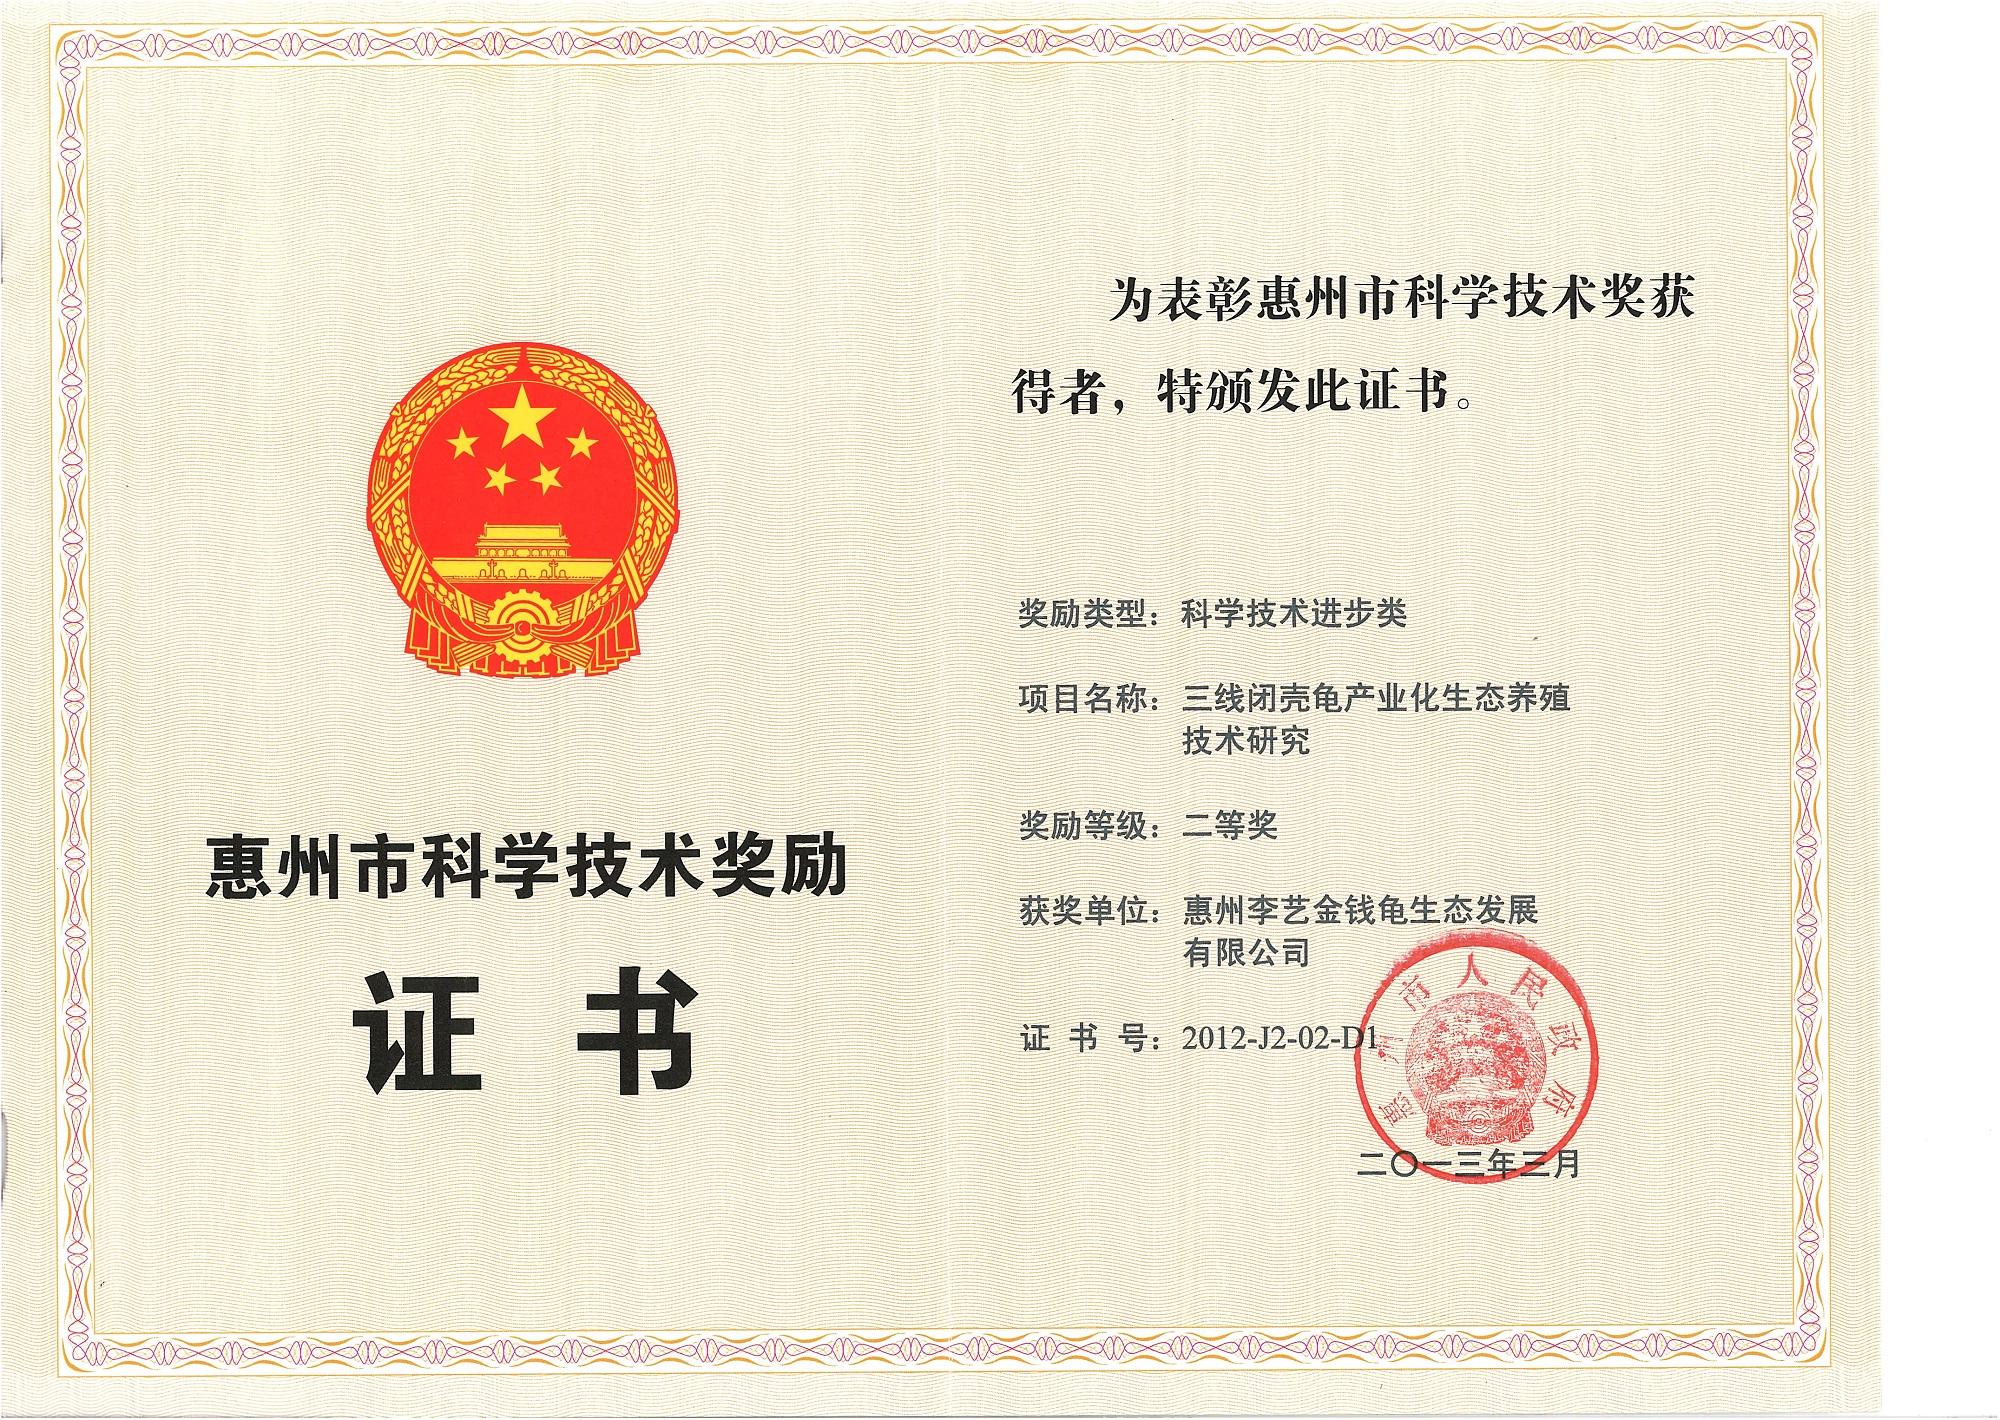 生態-惠州市科學技術獎勵證書-三線閉殼龜產業化生態養殖技術研究